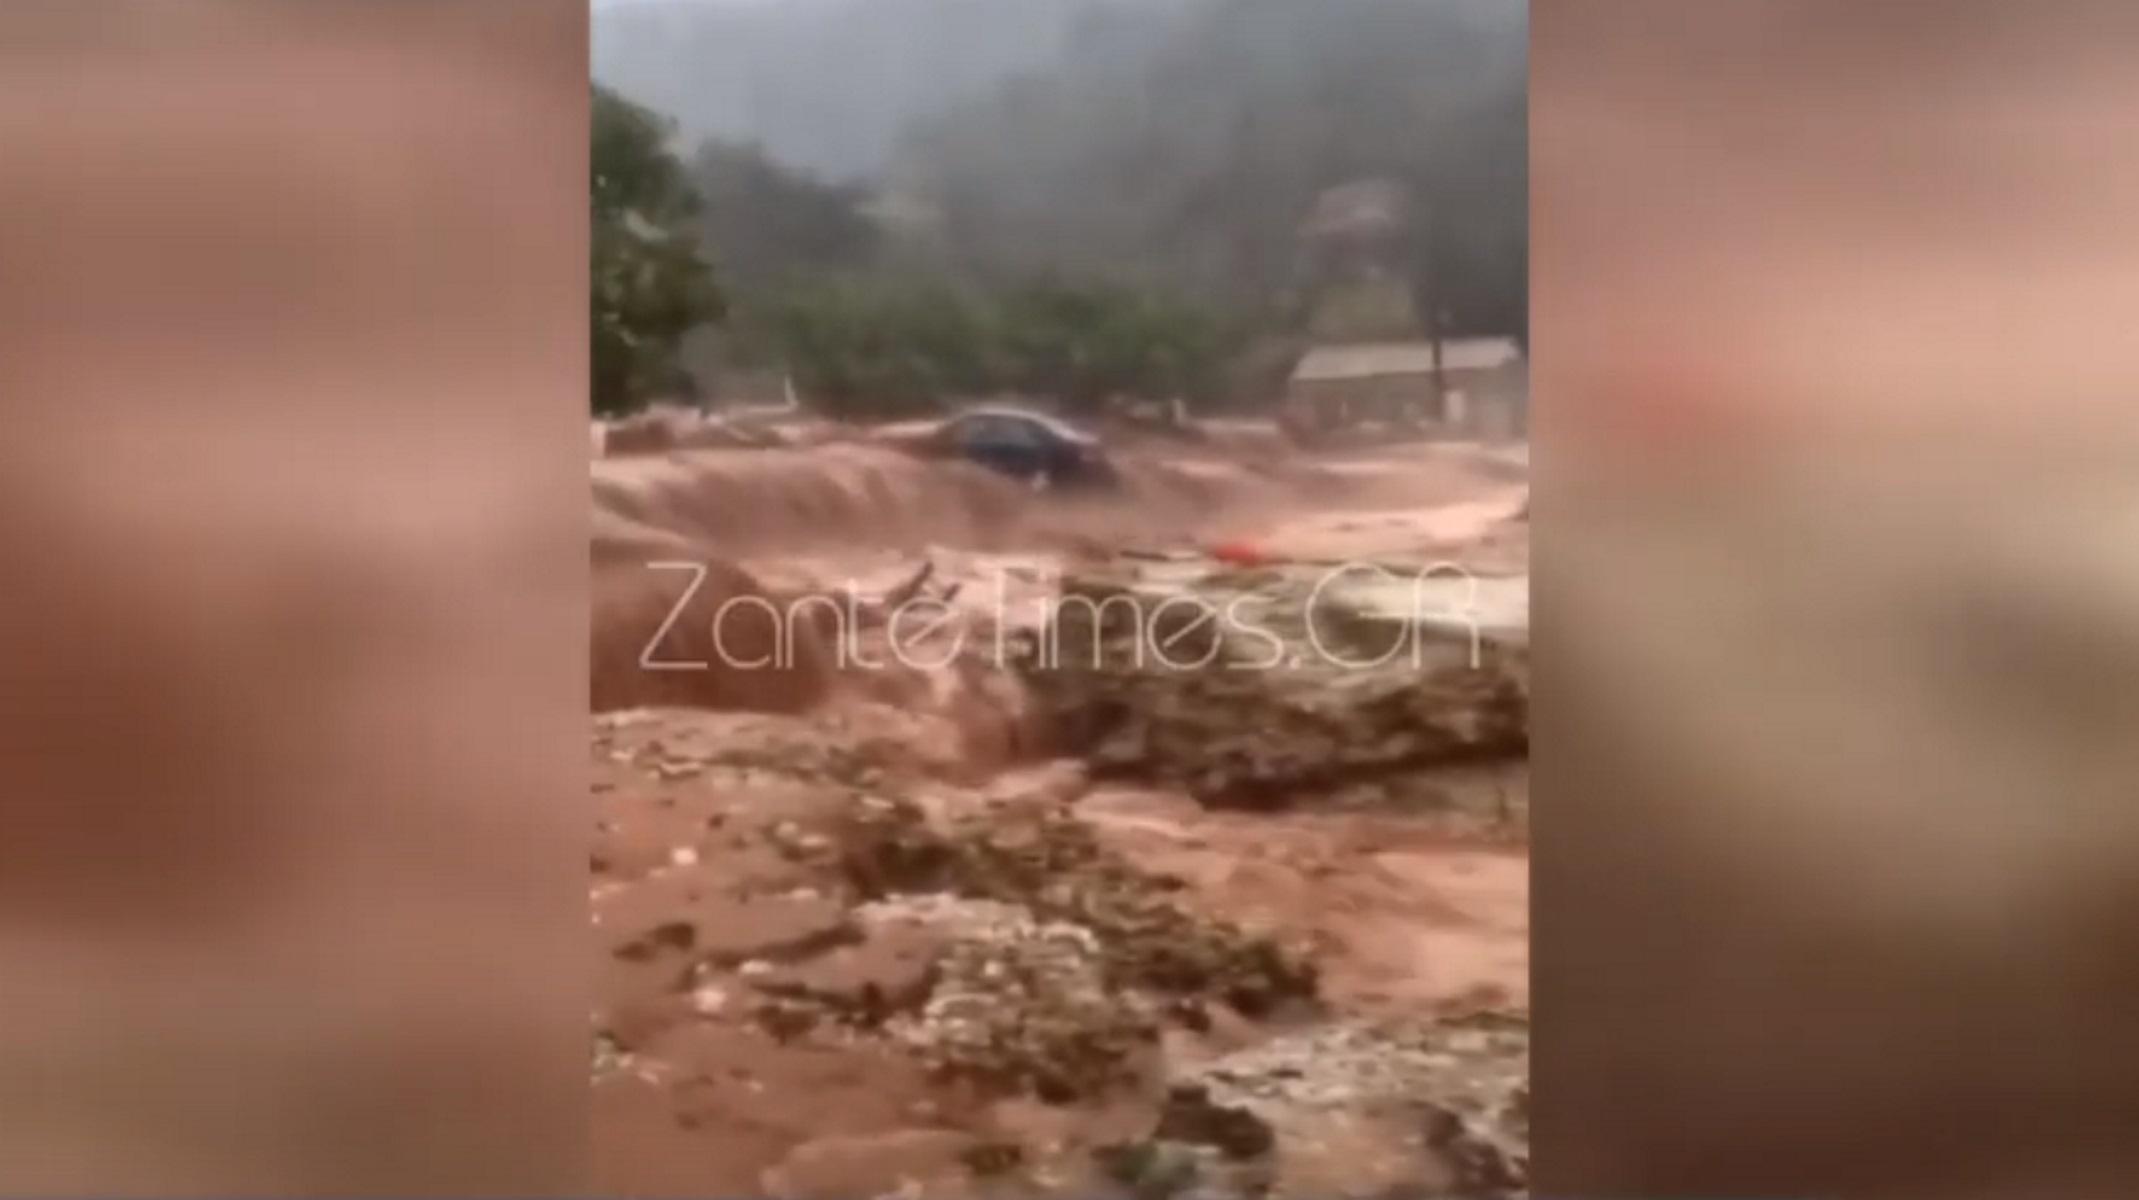 Βίντεο σοκ στην Κεφαλονιά: Αυτοκίνητο παρασύρεται από χείμαρρο και θάβεται στα λασπόνερα